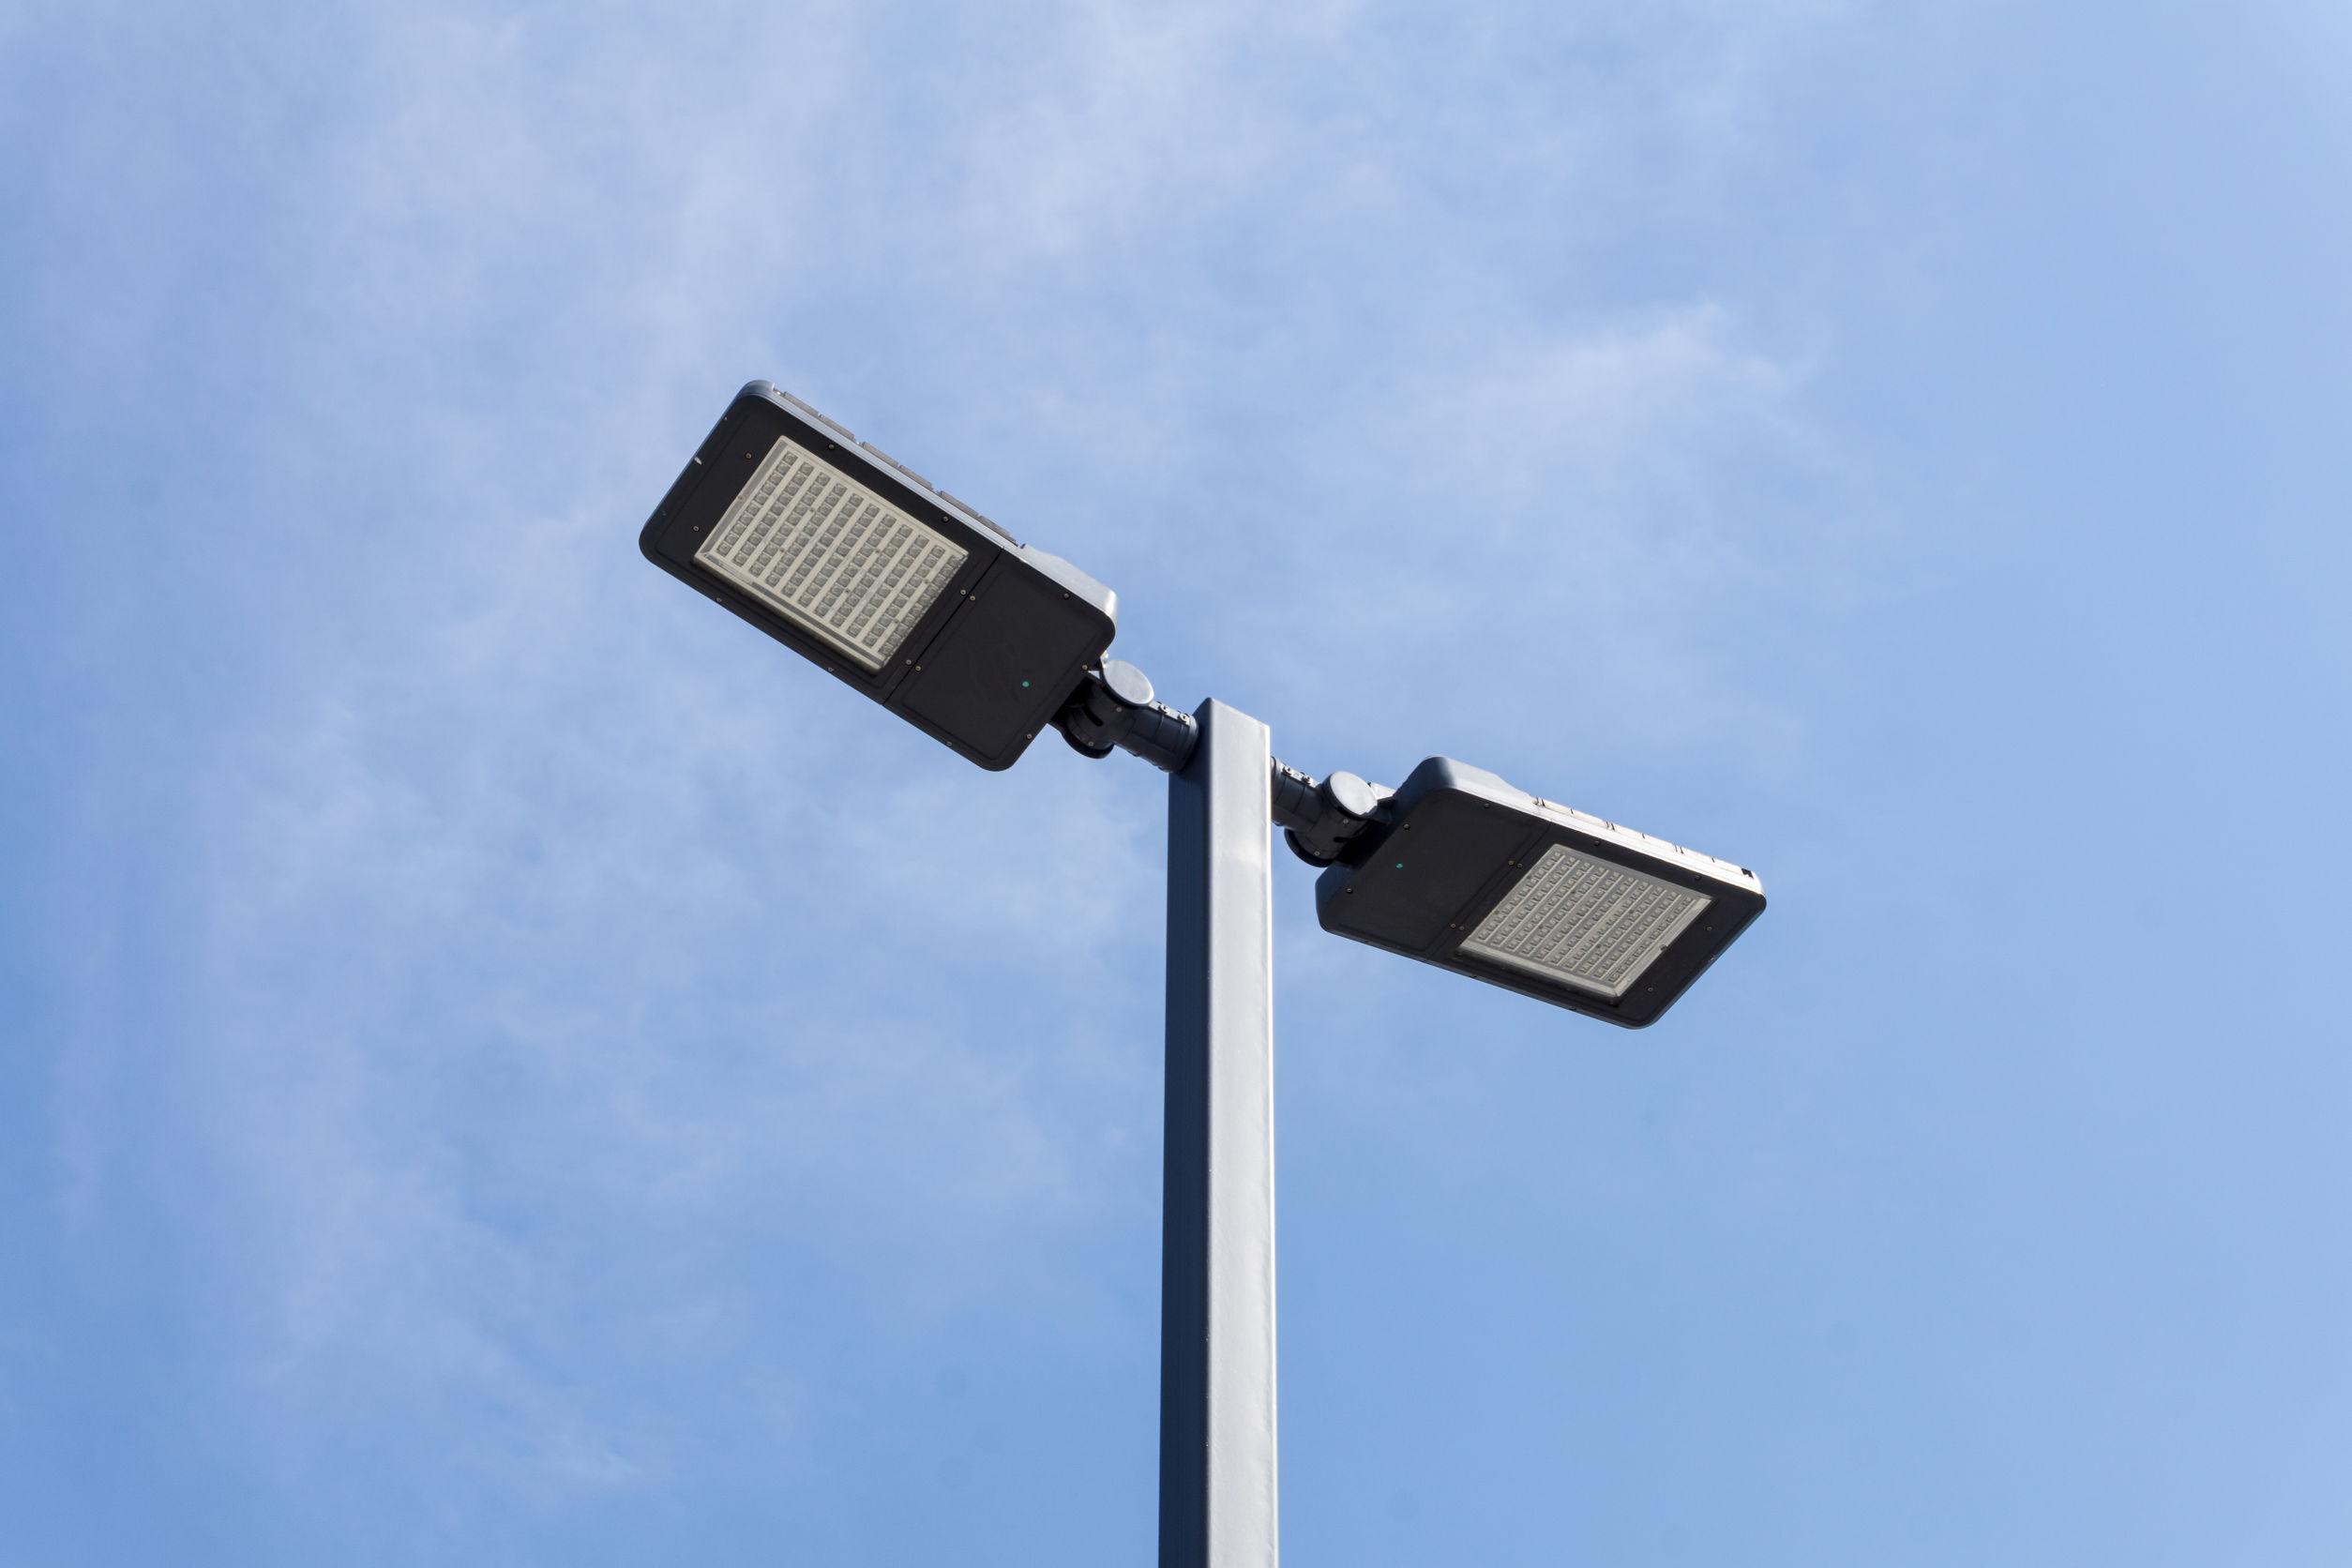 Lámparas solares